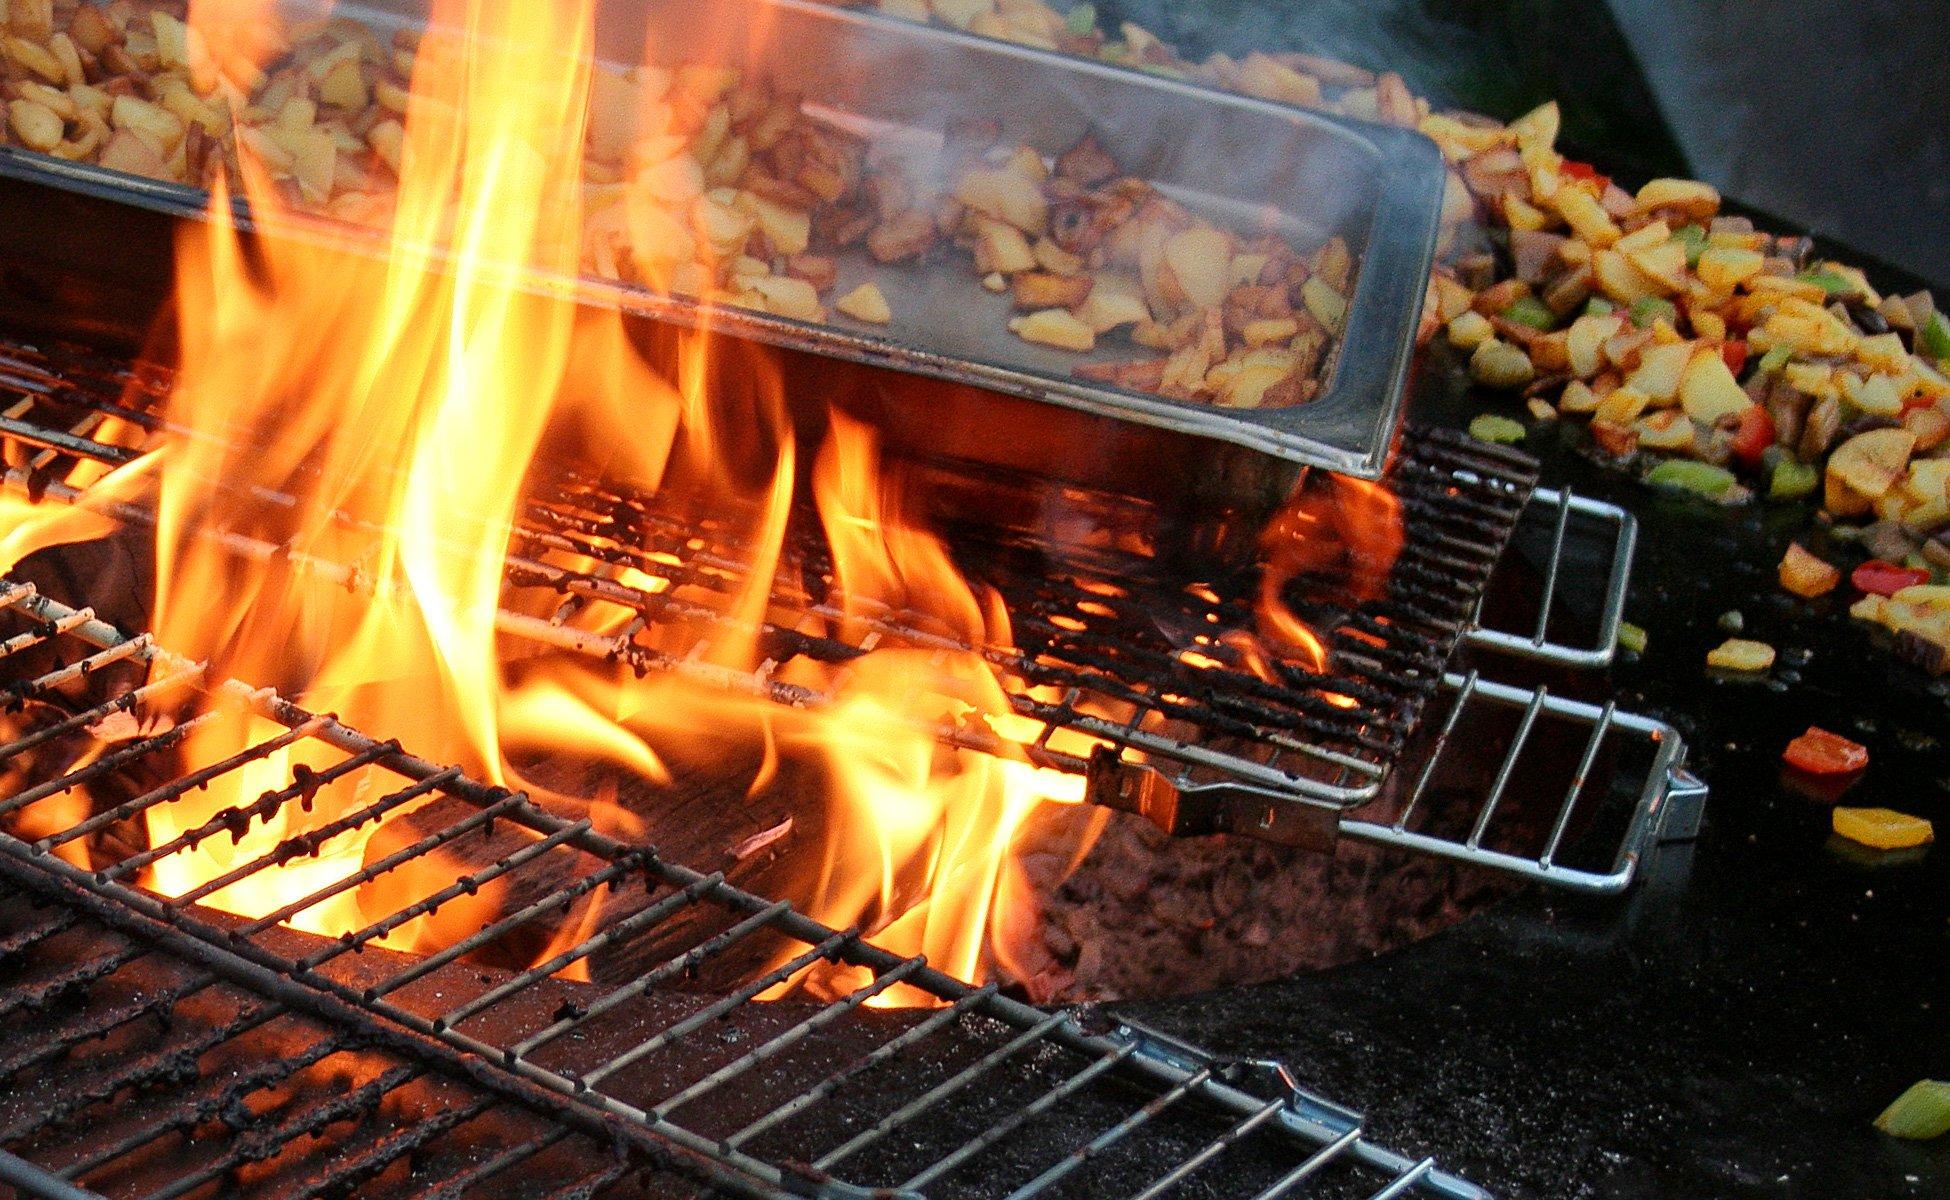 Feuering – leckeres an der offenen Flamme